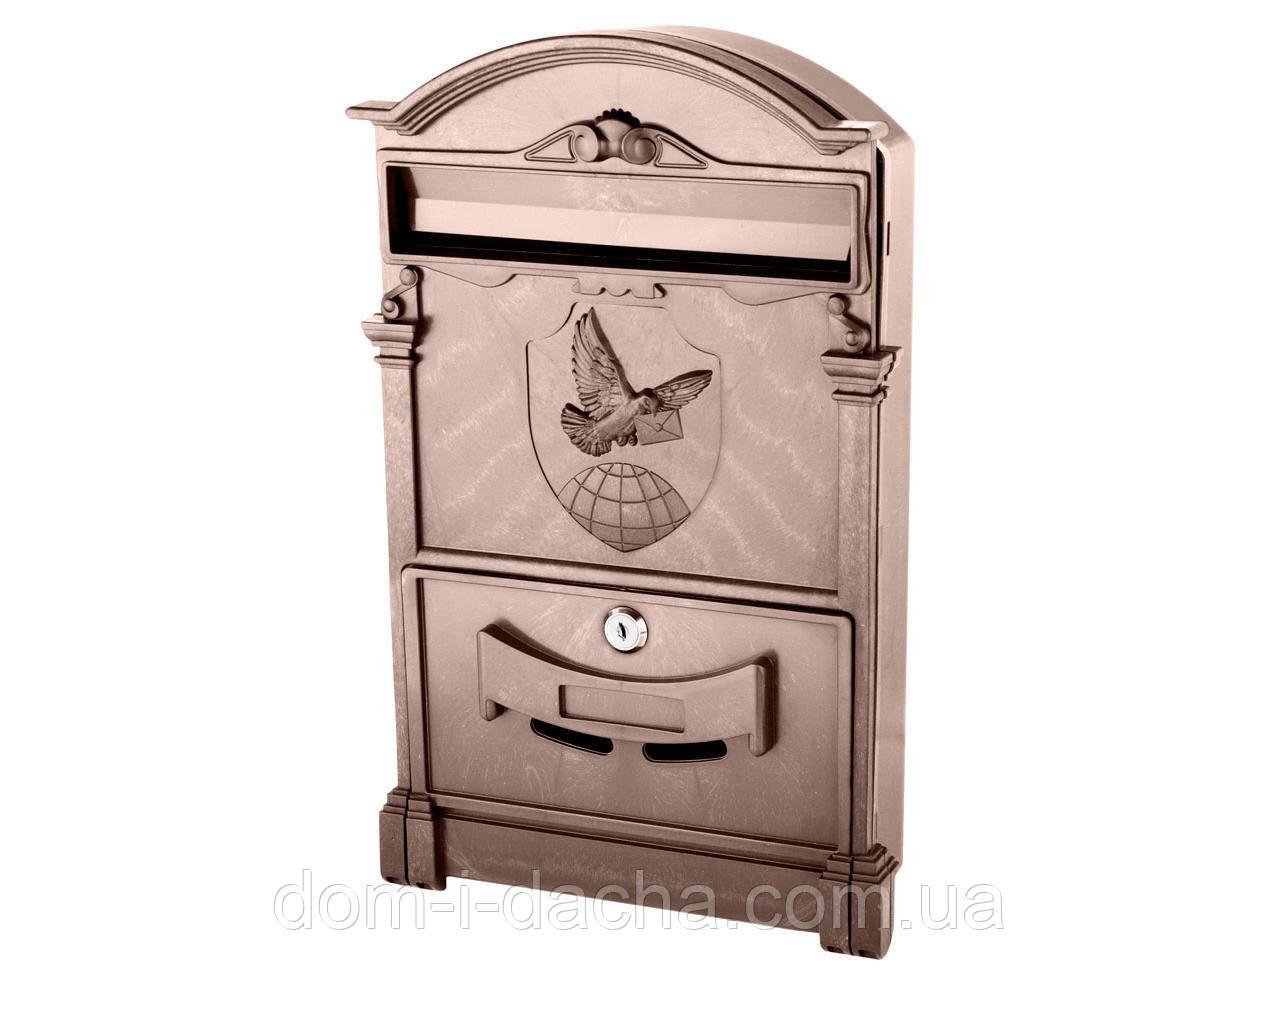 Поштова скринька VITA коричневий Герб Голуб